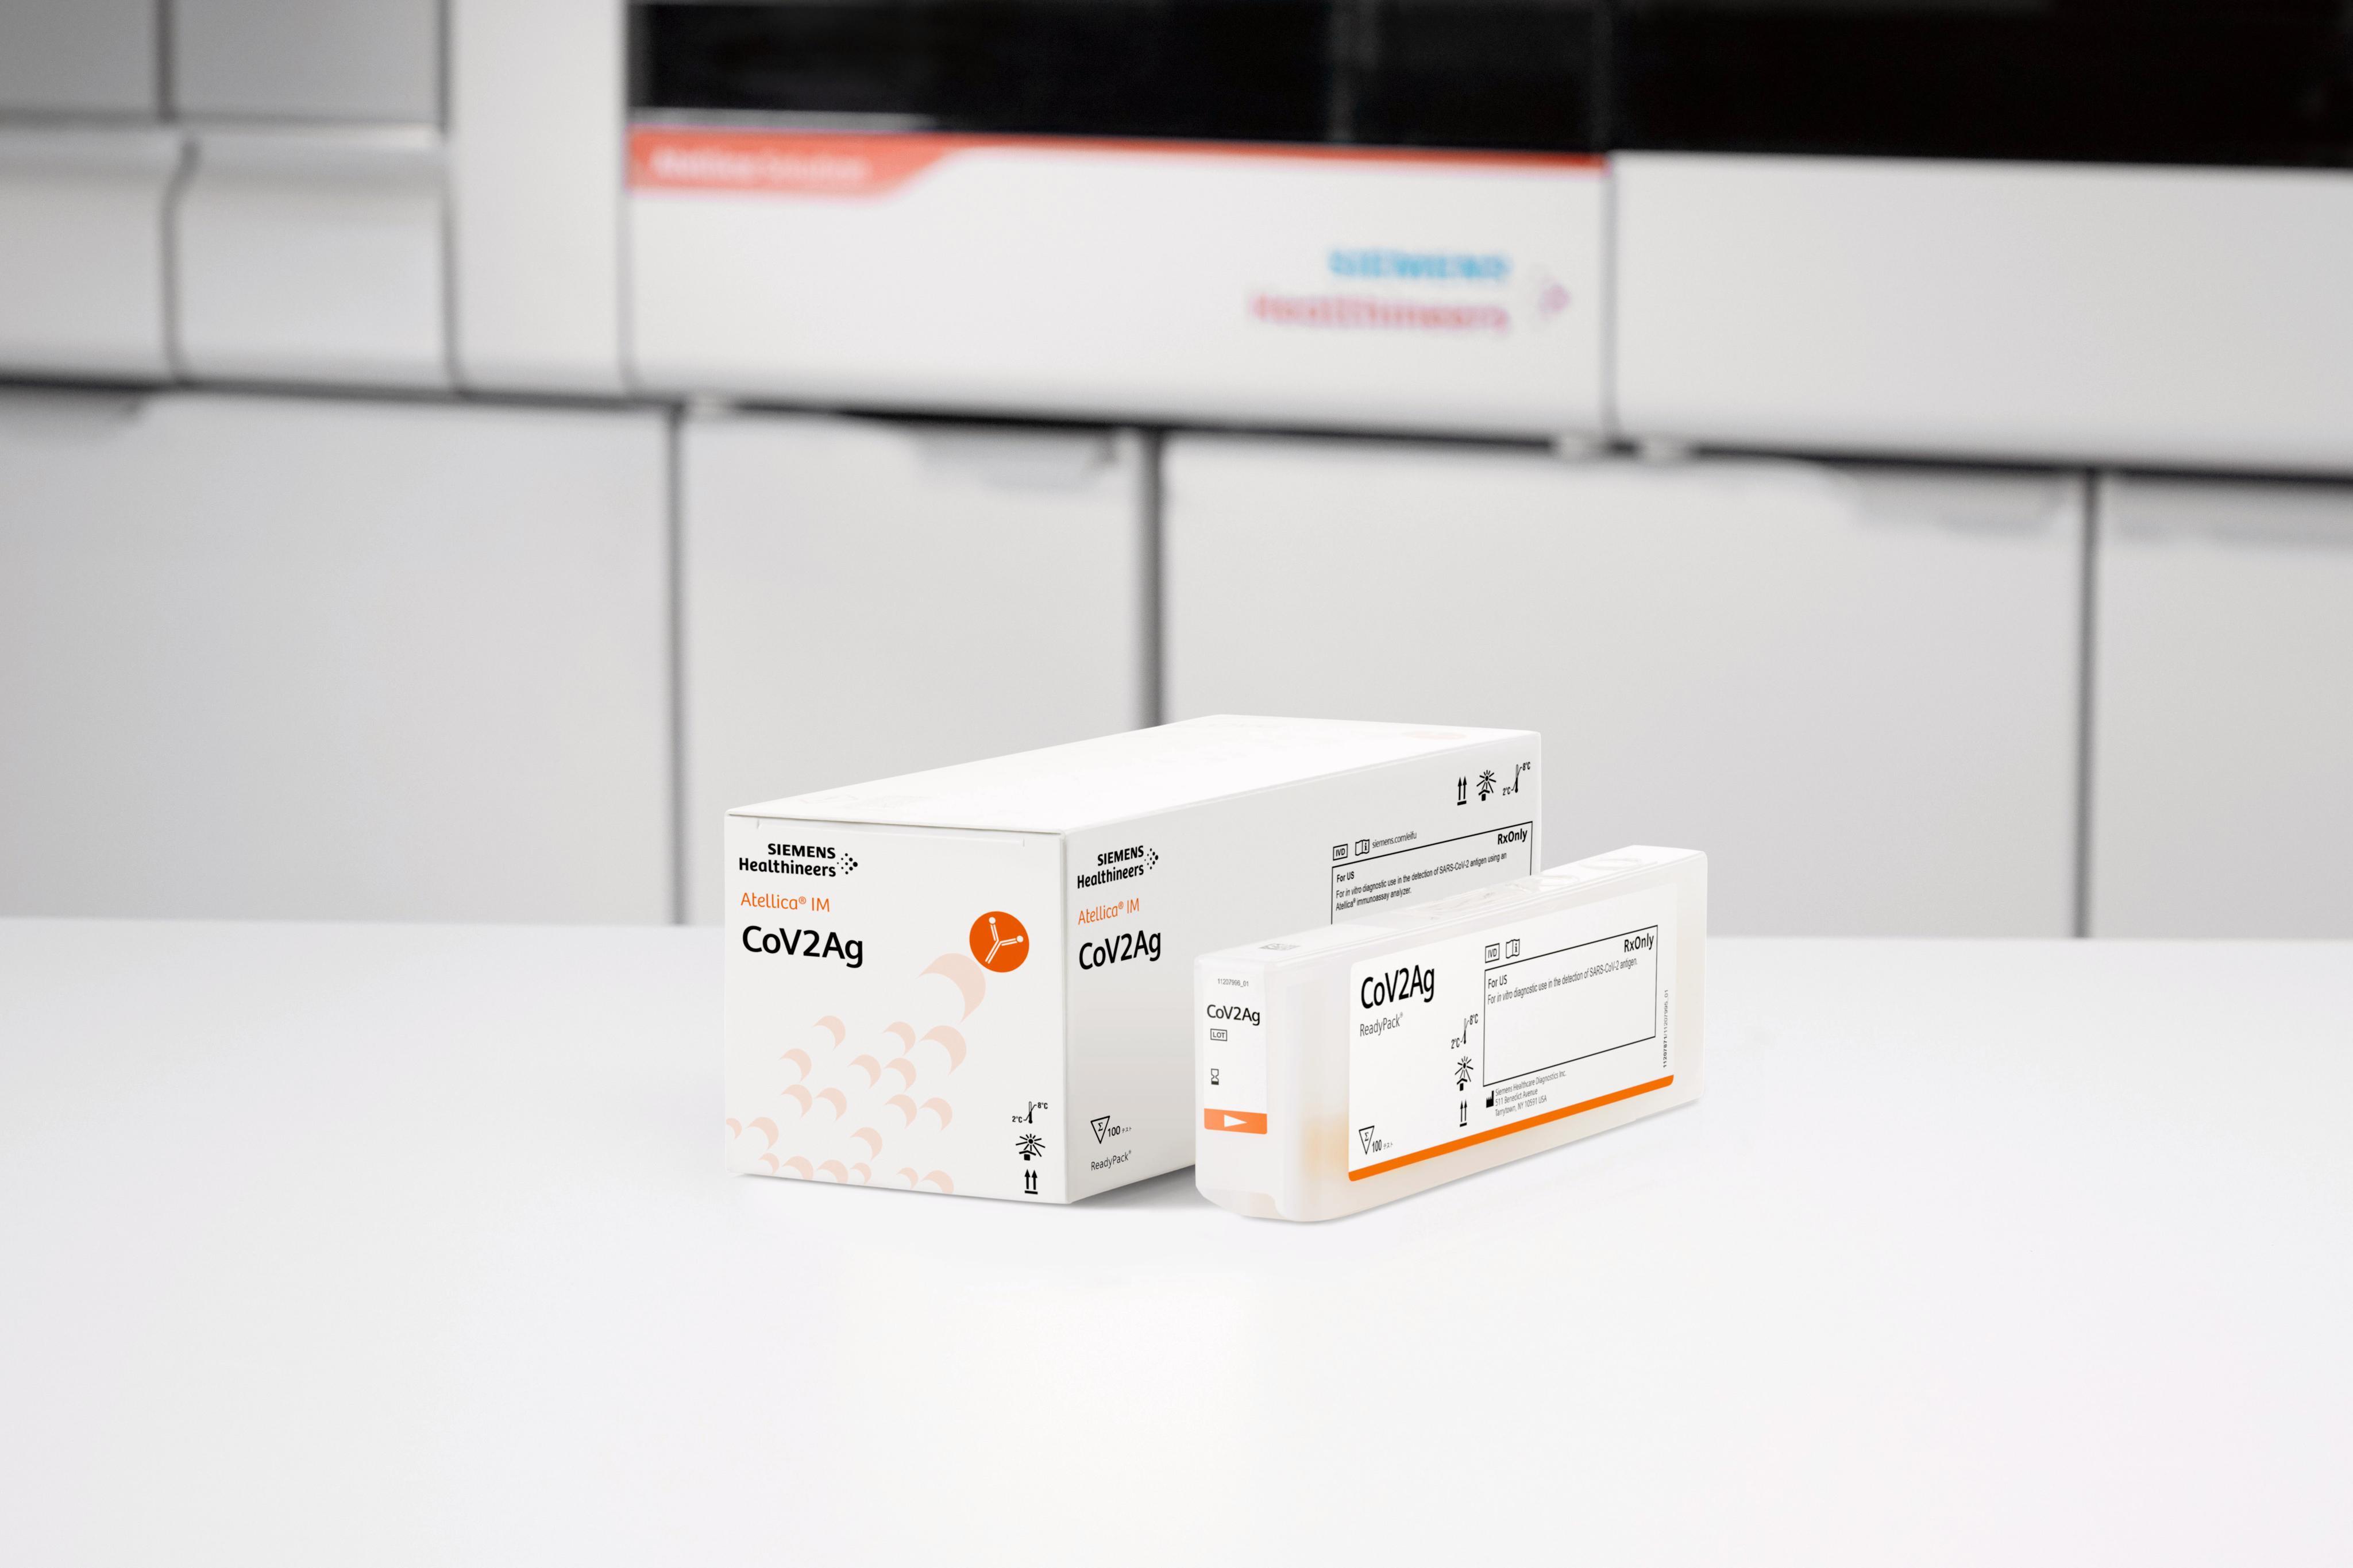 Siemens Healthineers hat die CE Zertifizierung für den SARS-CoV-2-Antigentest (CoV2Ag) für den Laborgebrauch erhalten.